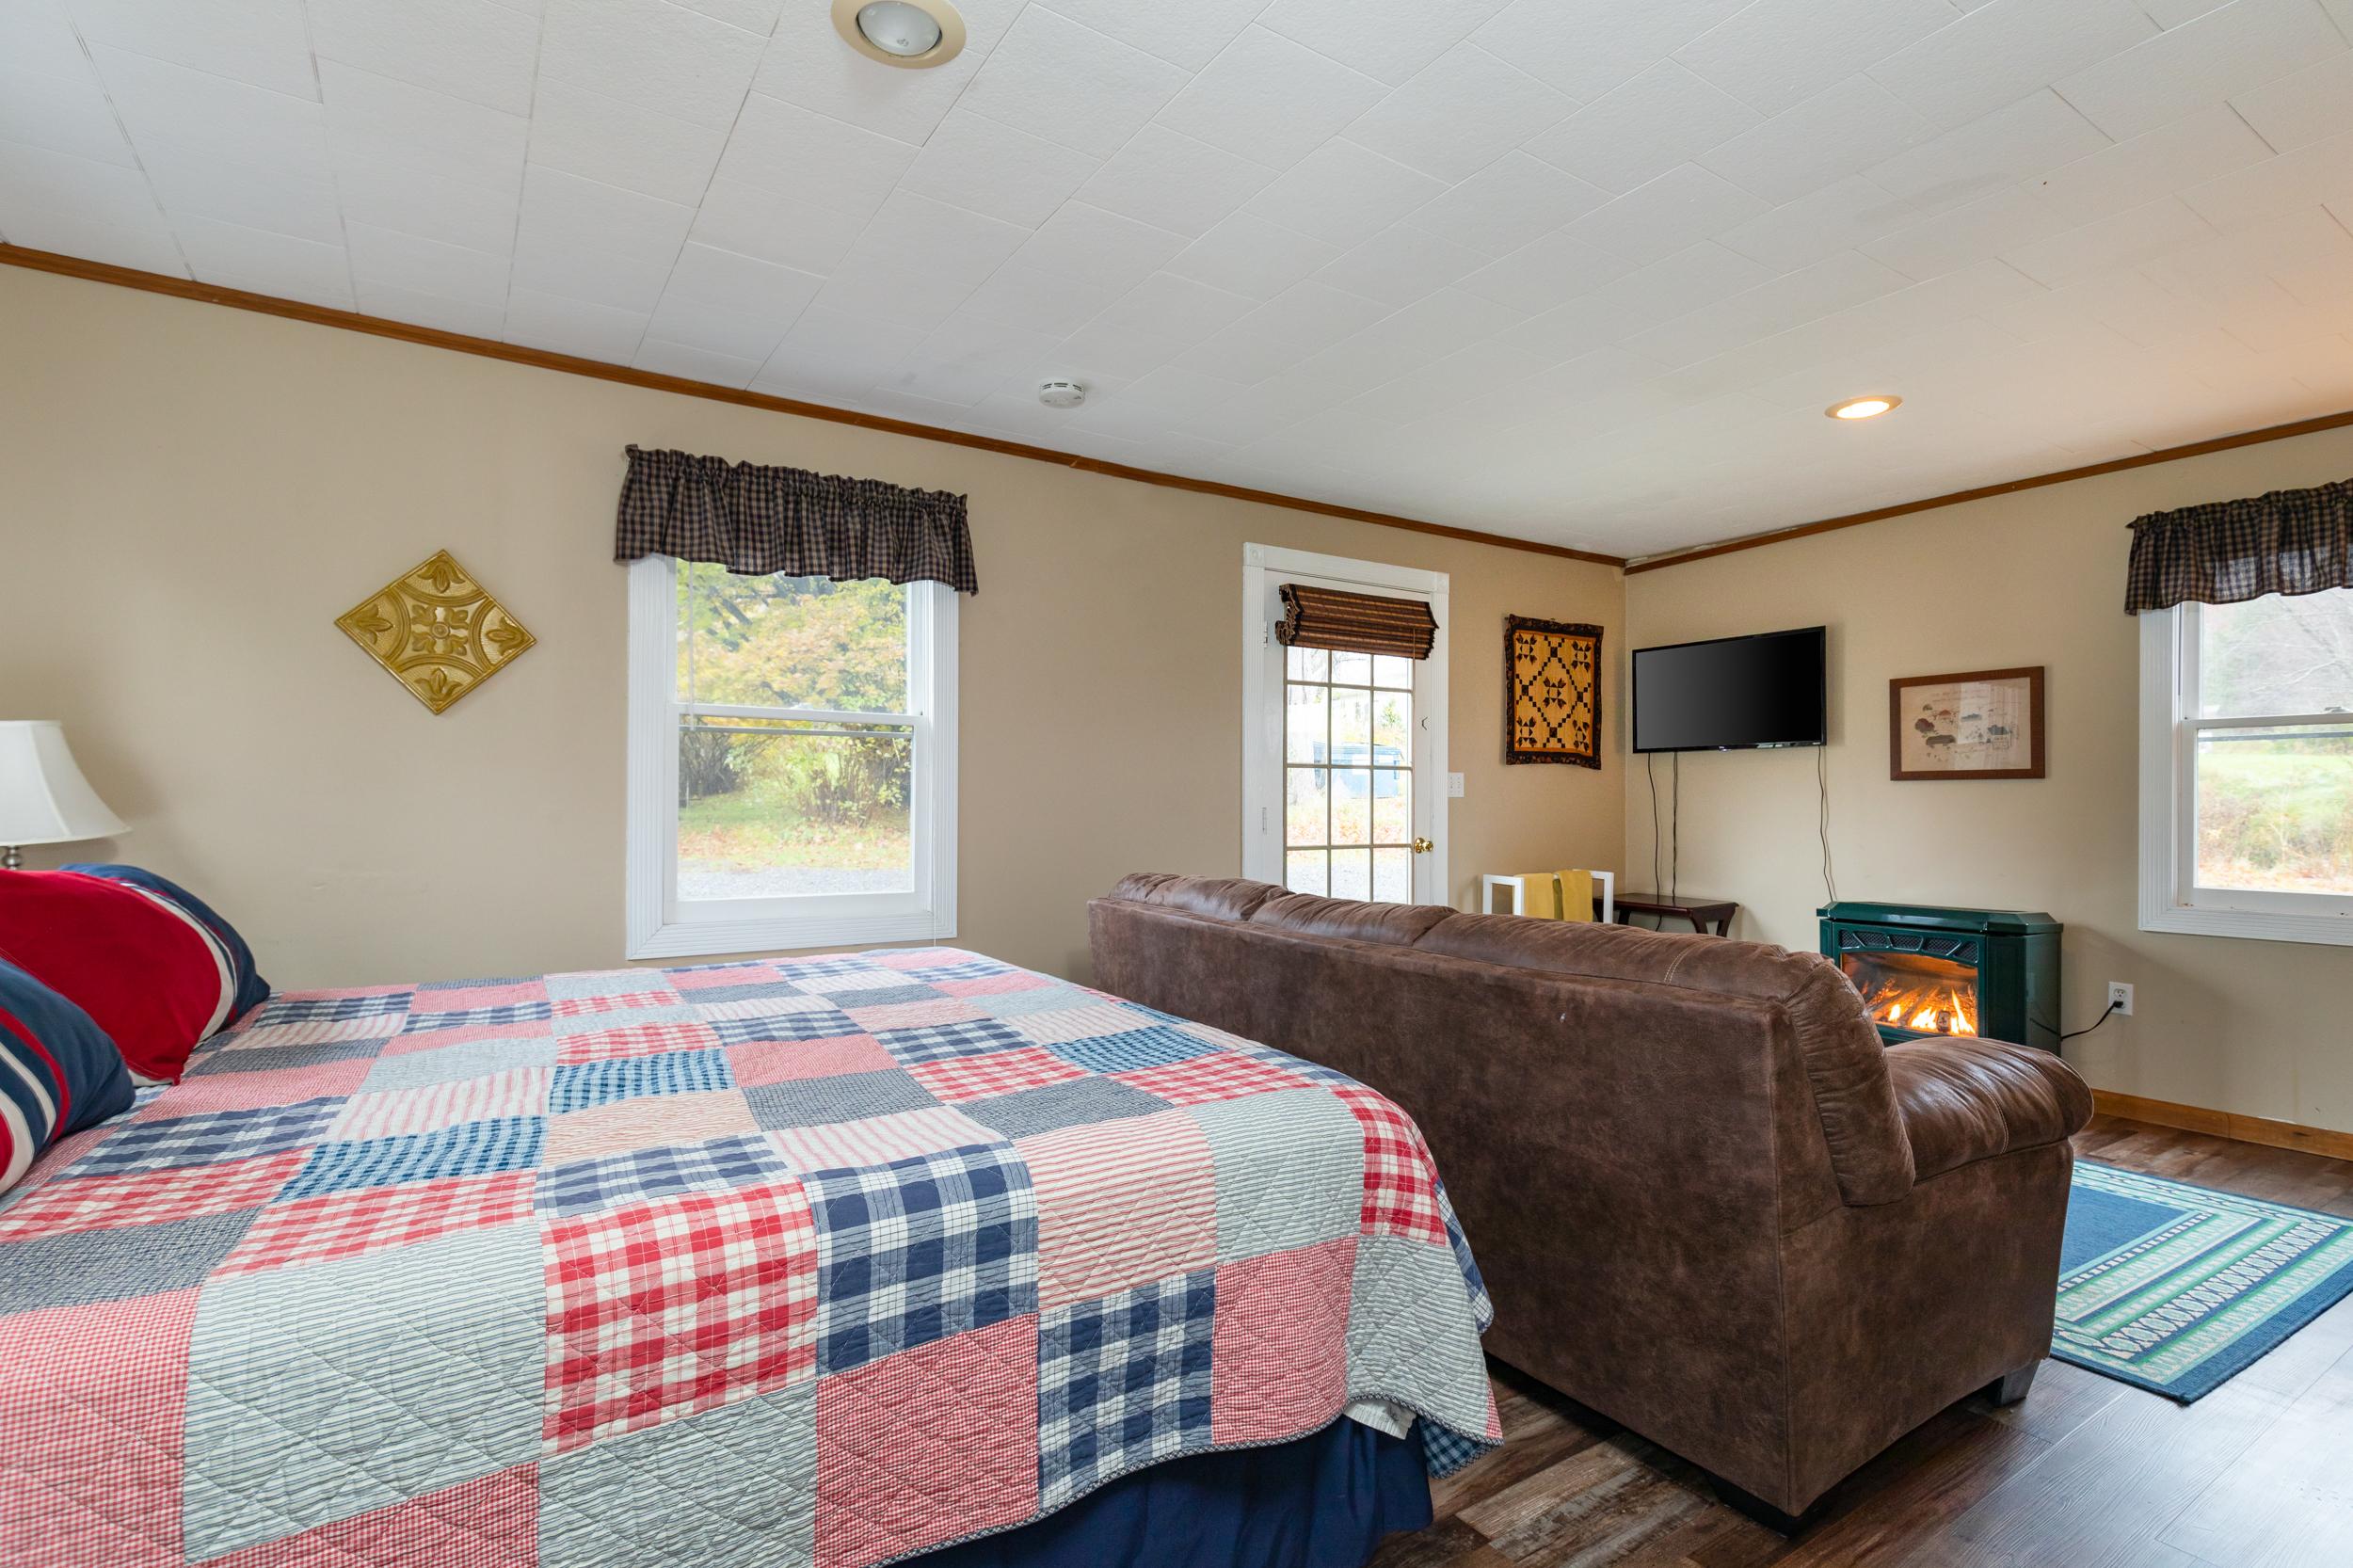 Delaware   (Pet-Friendly)  King, En-Suite Bath • from $99